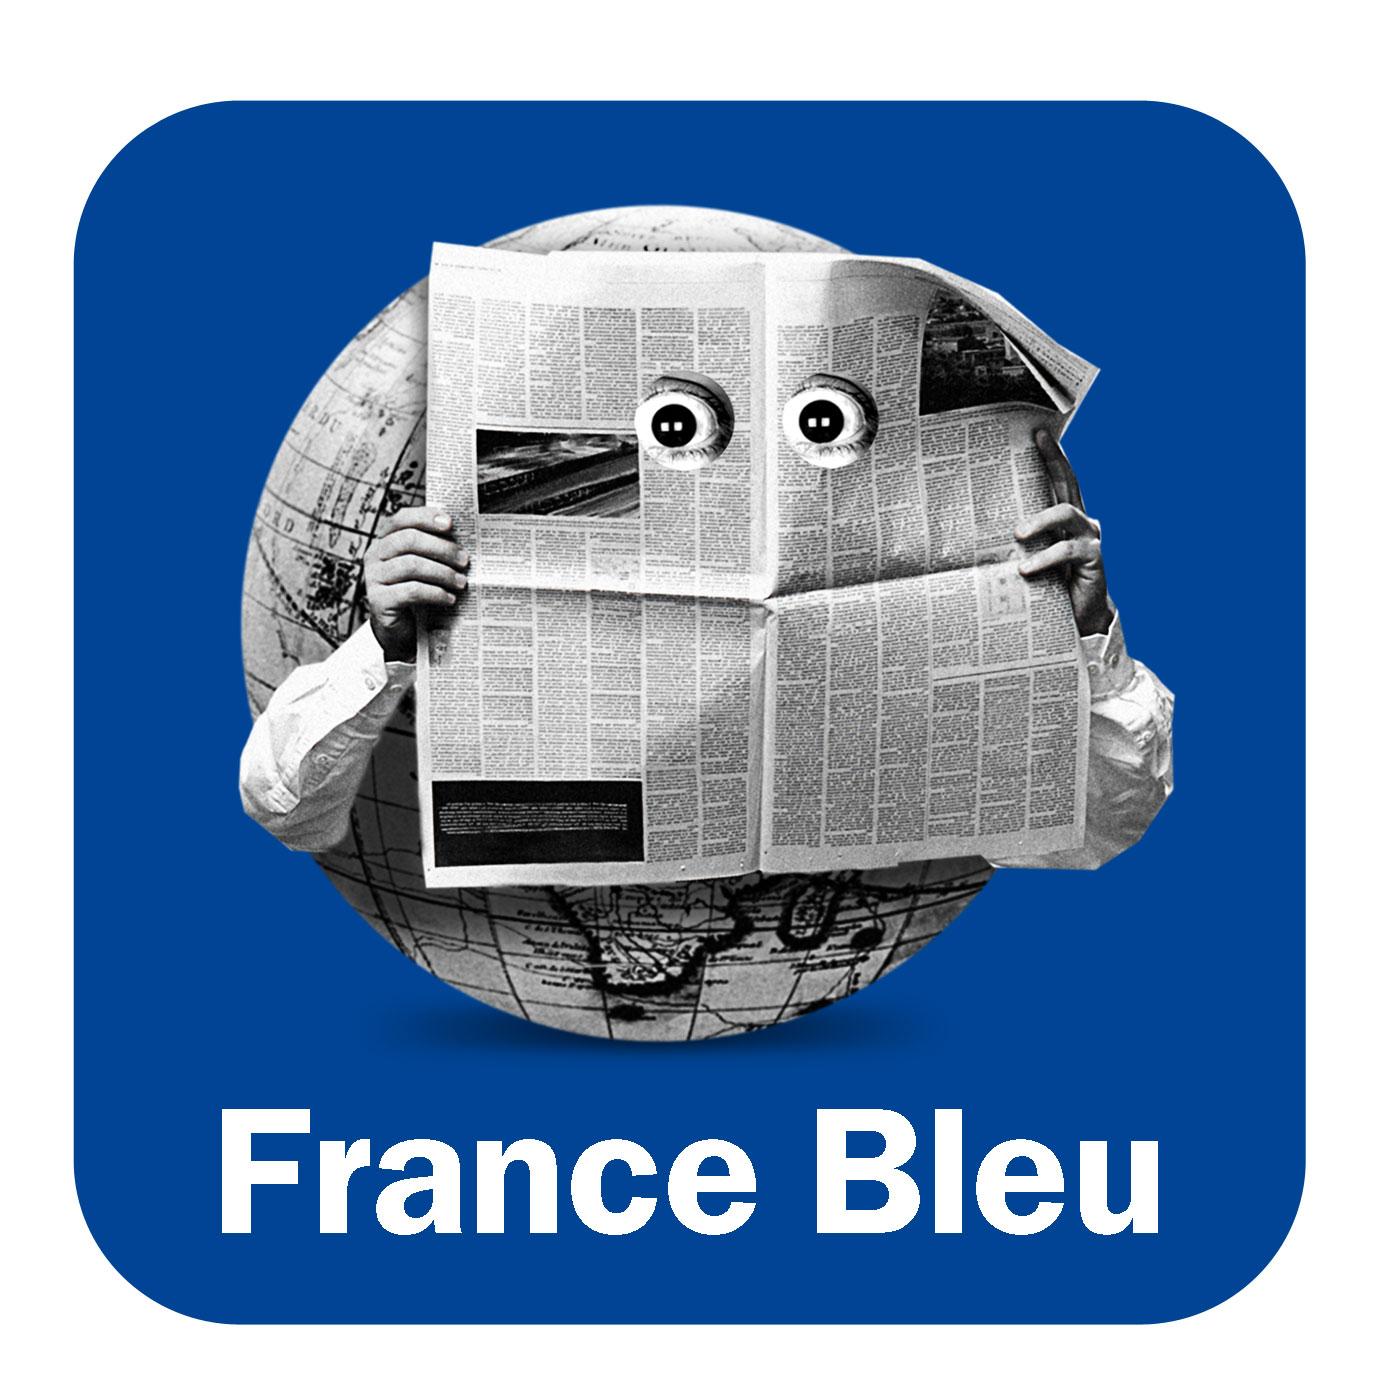 Keleier Breizh France Bleu Breizh Izel